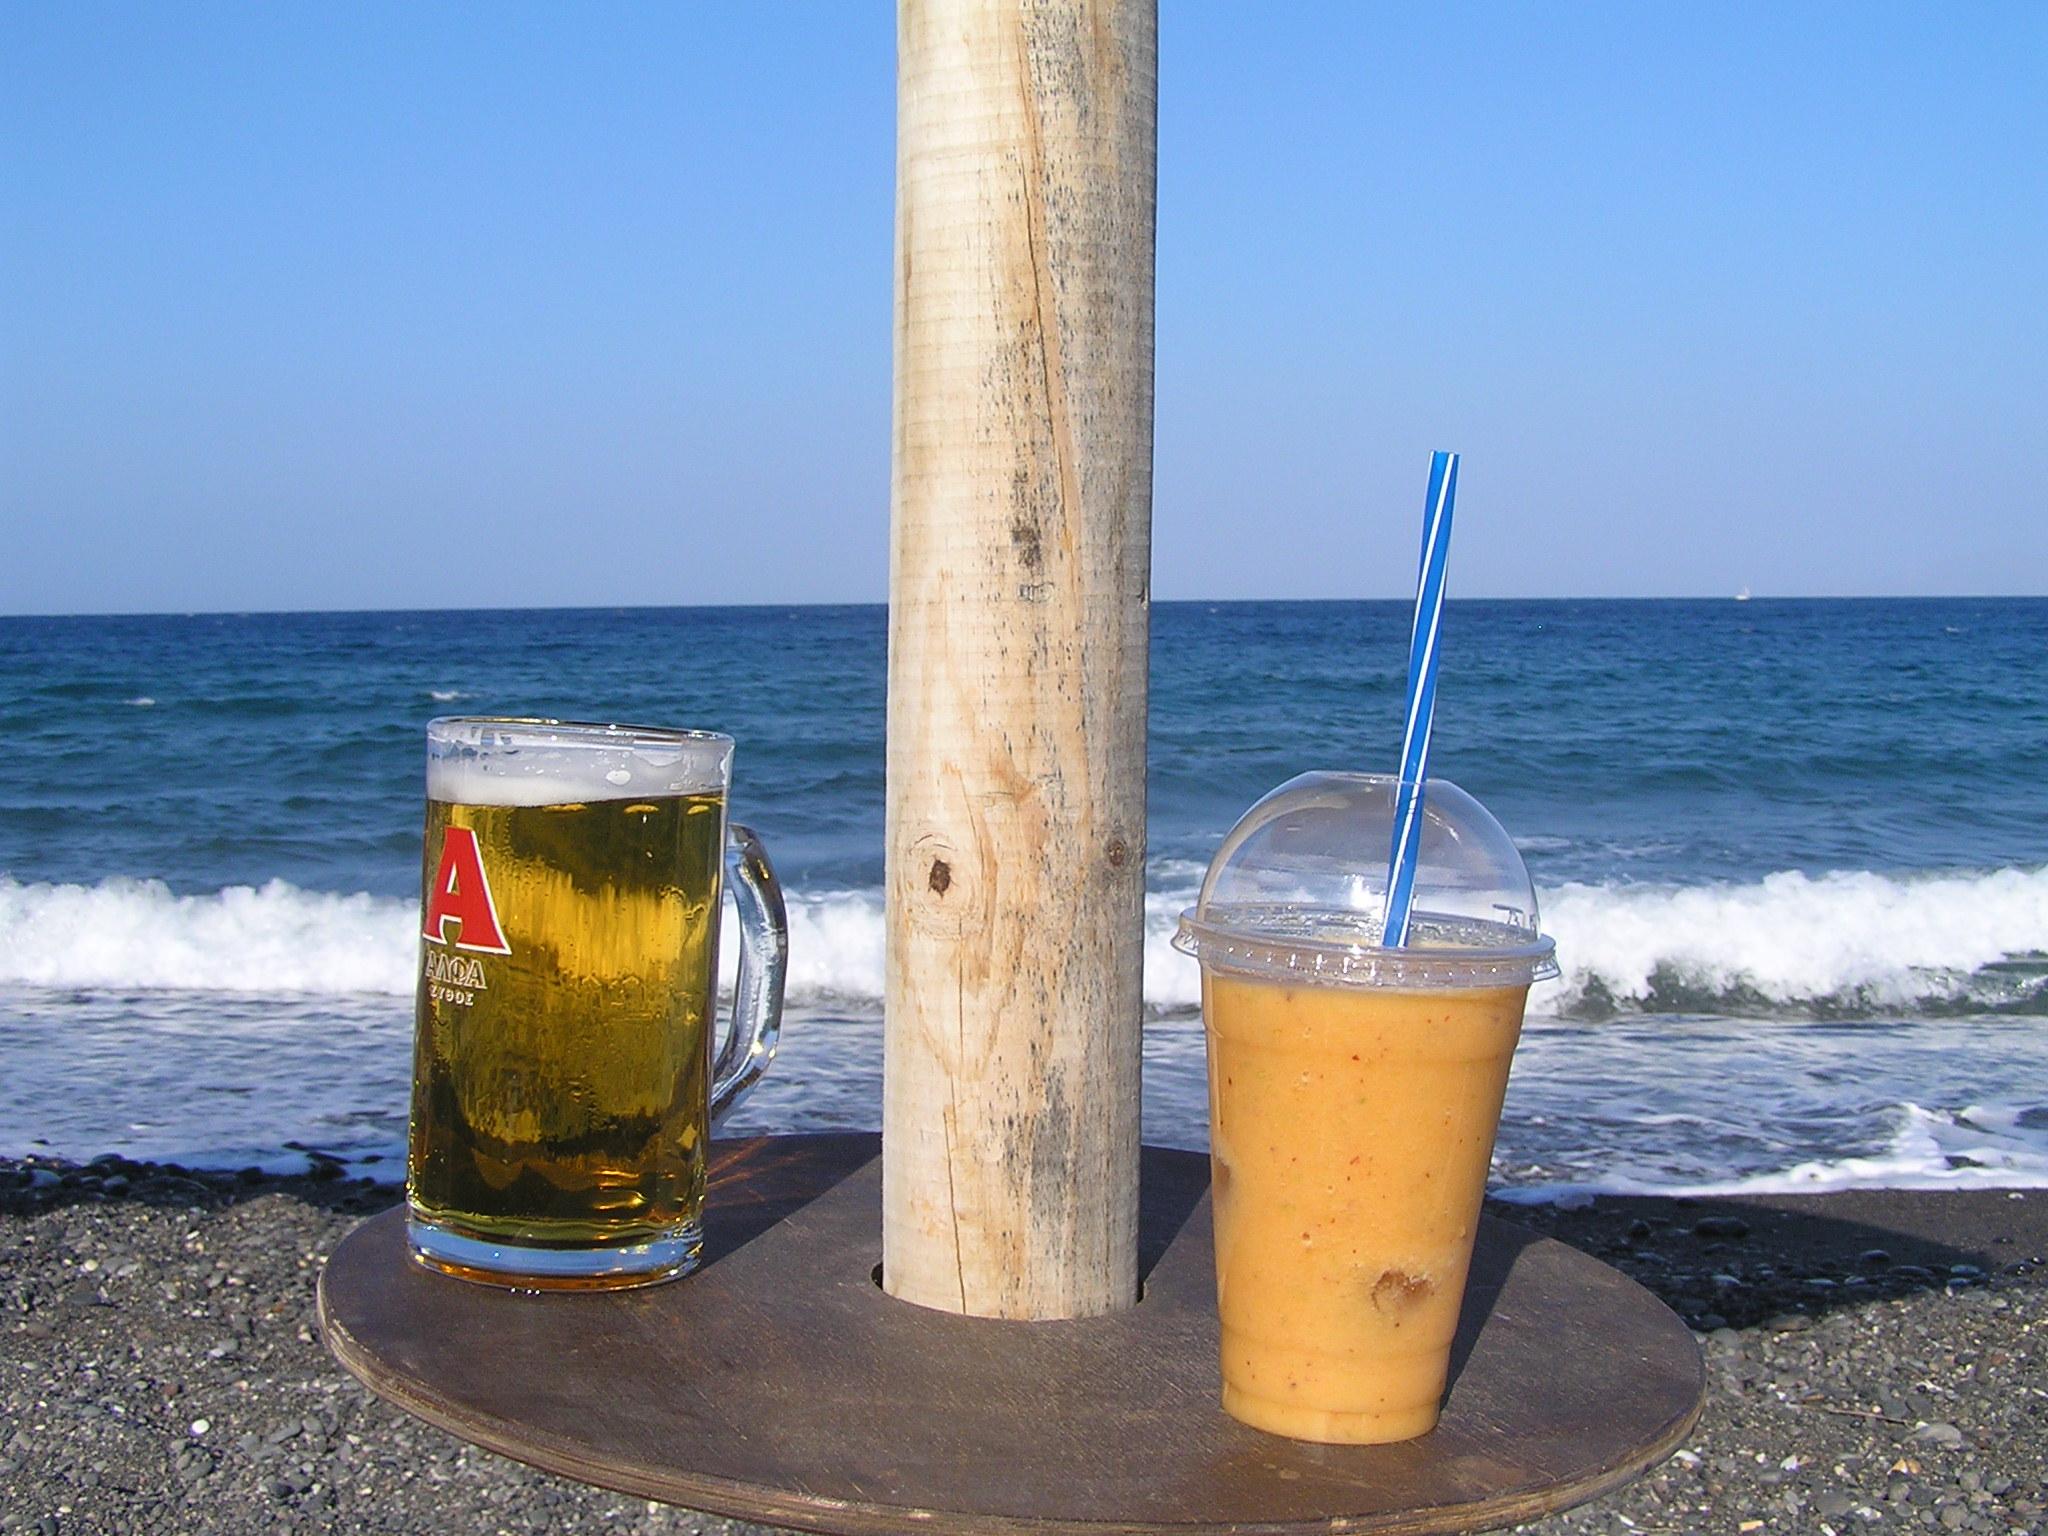 Kostenlose foto : Ferien, Gewässer, Wasser, Meer, Getränk, Strand ...